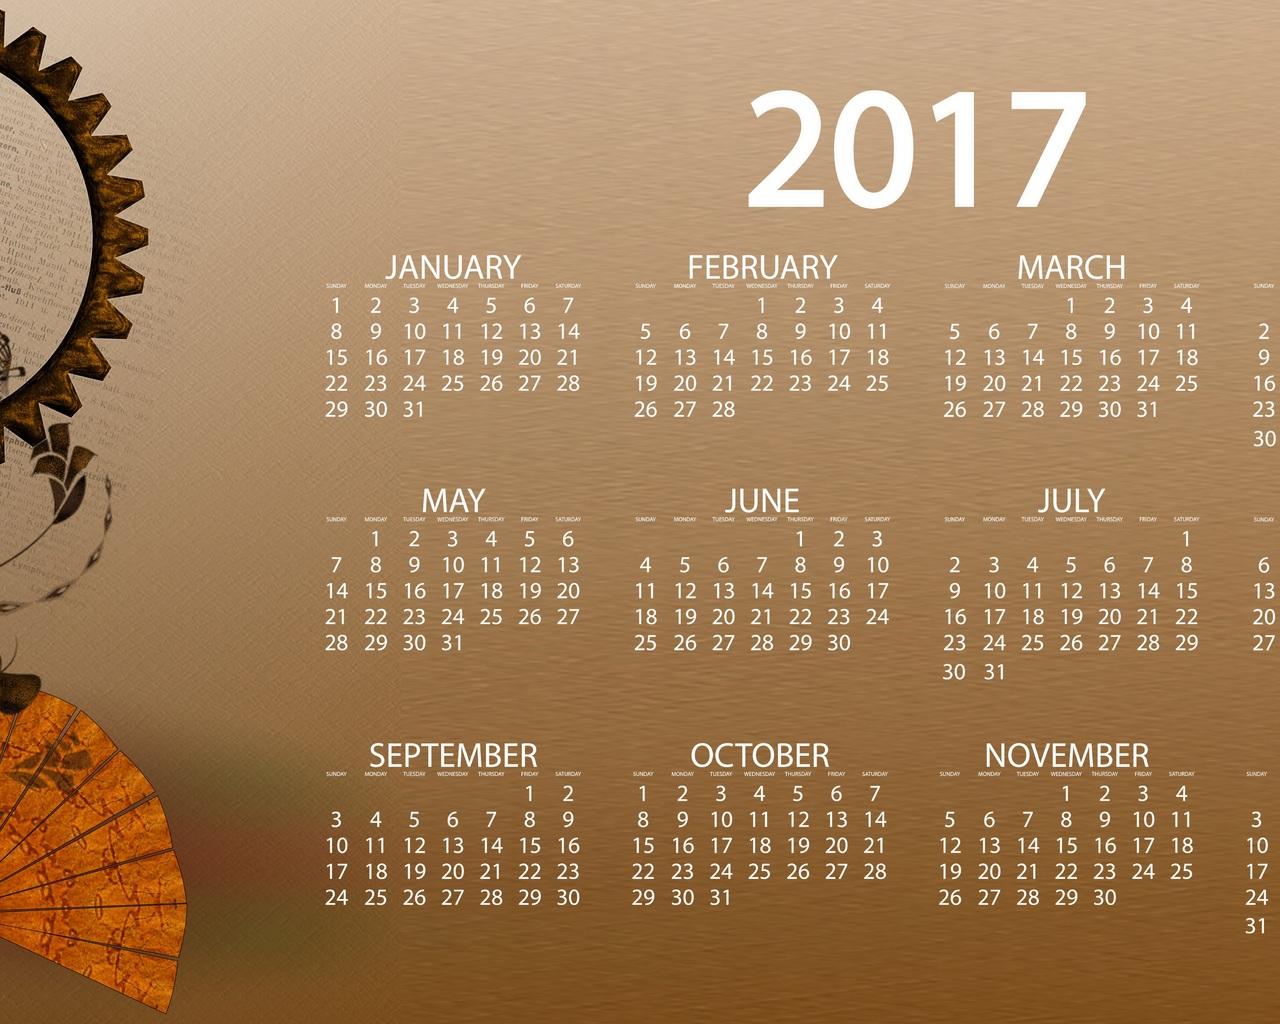 2017-calendar-4k-hd-new.jpg